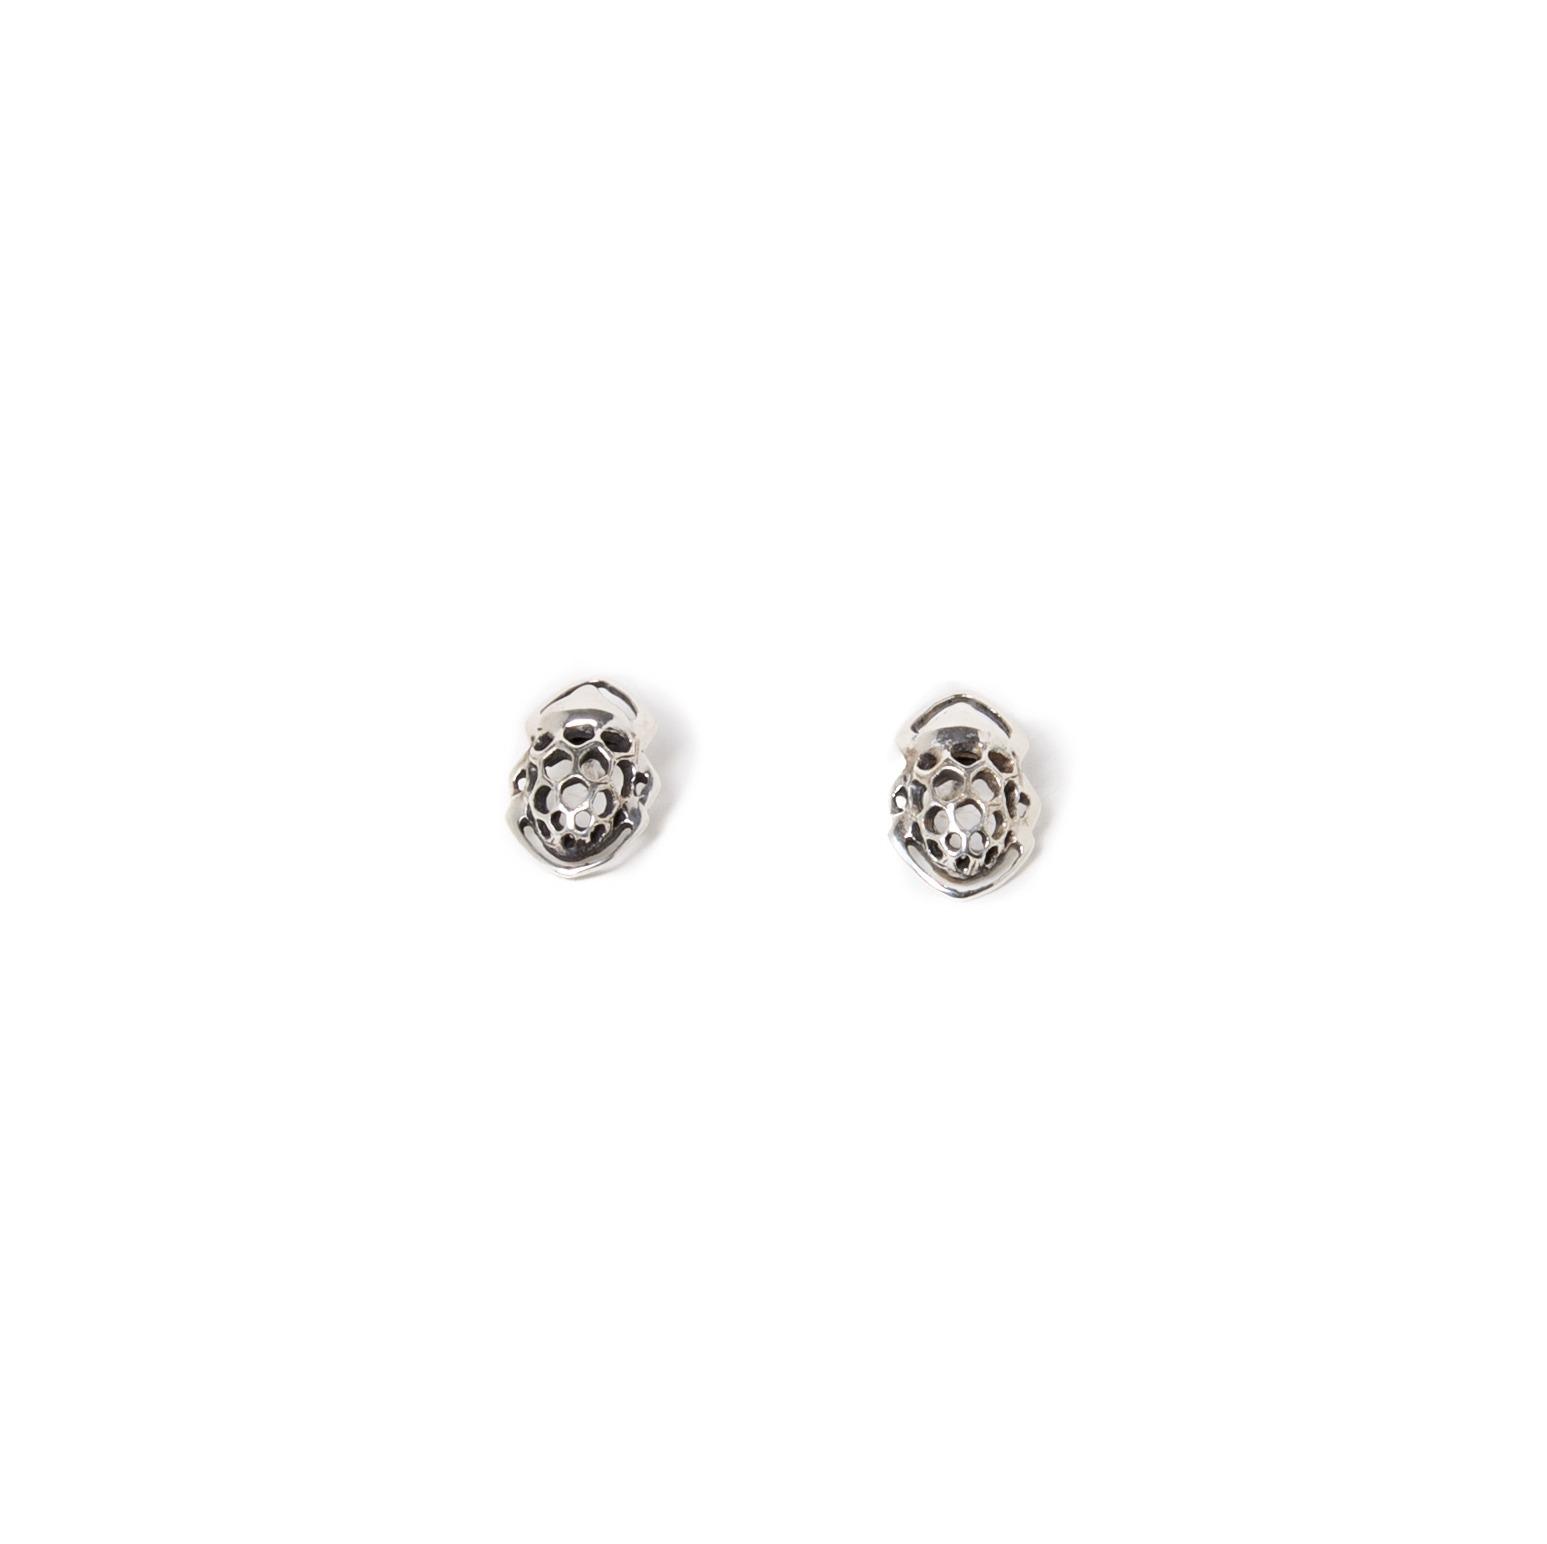 Boucles d'oreilles Mellona en argent sterling par SCARO